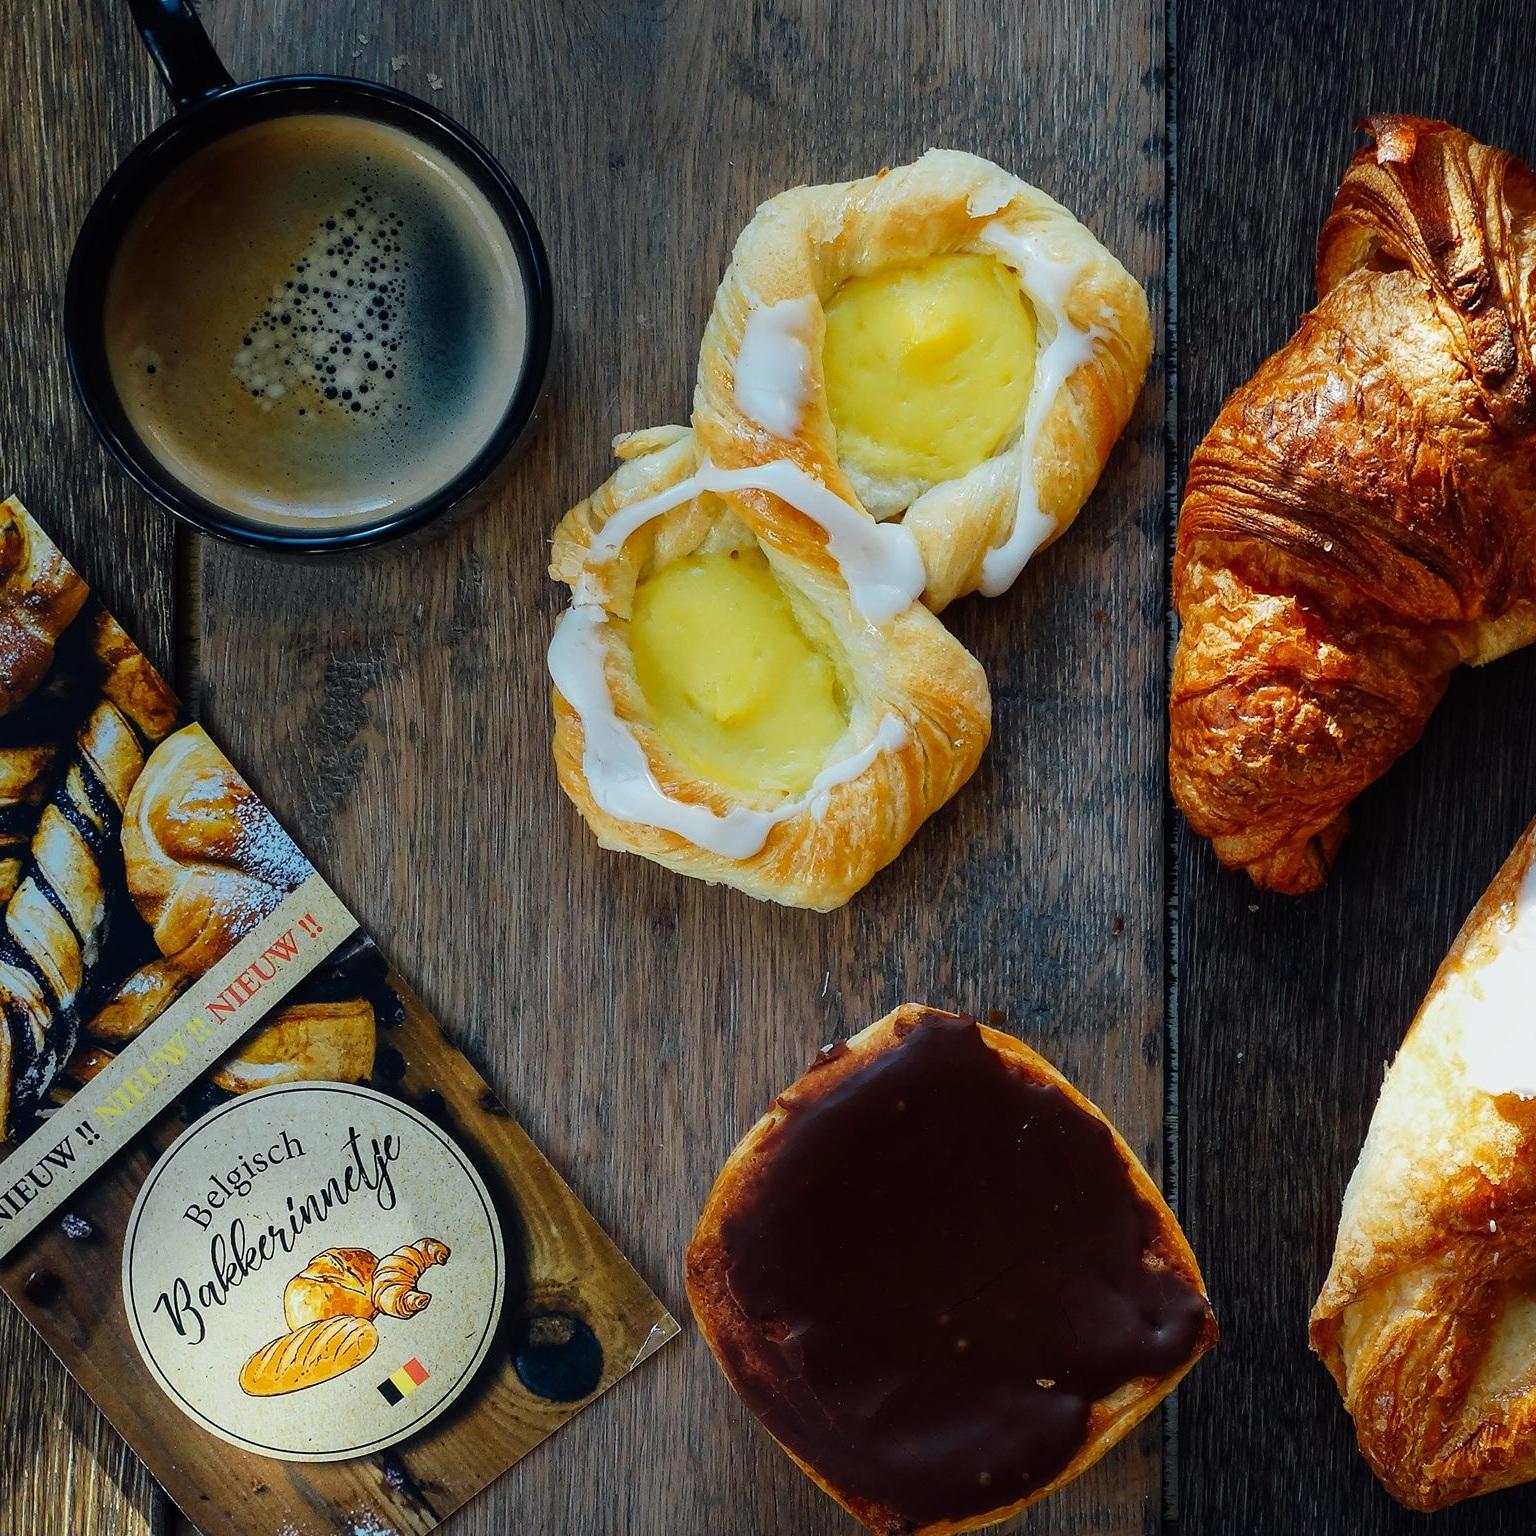 Belgisch Bakkerinnetje  Wil je de deur niet uit voor je ontbijt dan brengt Nathalie van het Belgisch Bakkerinnetje dit graag voor je aan huis! Bestel voor 13 uur  via dit mailadres  of geef je bestelling door via  06 31035210  en geniet van je ontbijtmand, brood of gebak op de Duivenhoekseweg 10 met een lekkere koffie erbij! -   Bekijk de menukaart